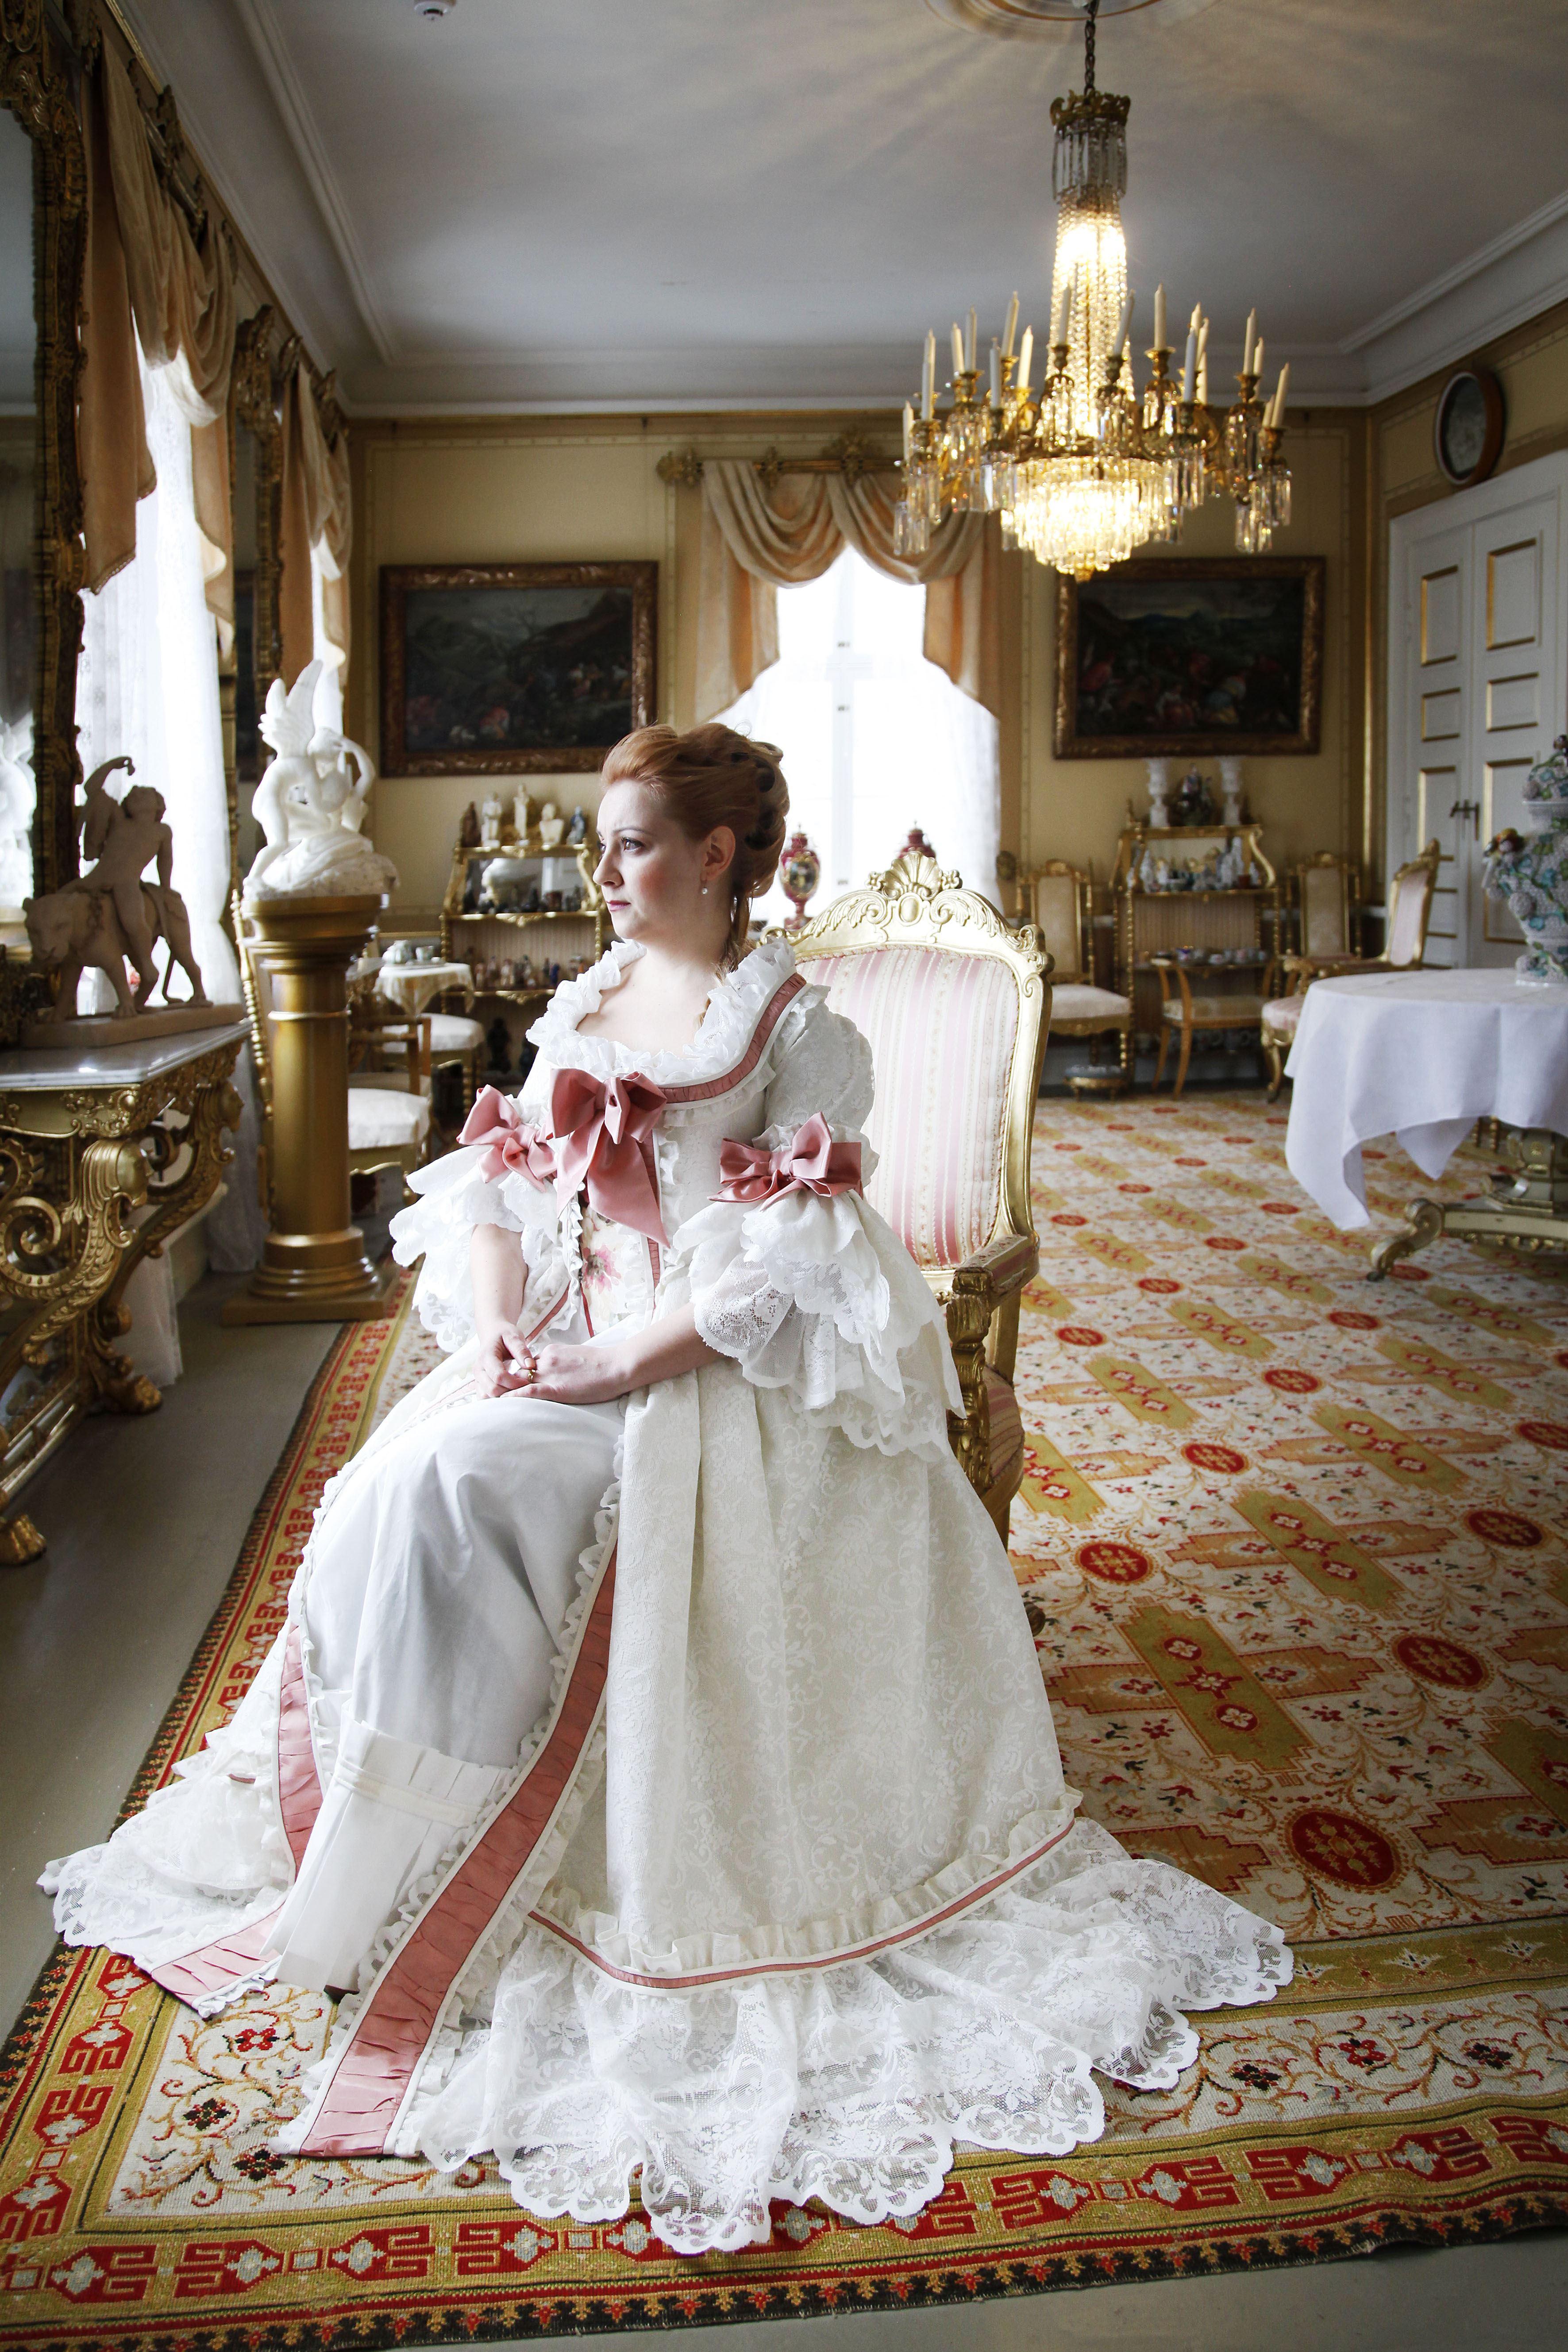 Musik: Figaros bröllop